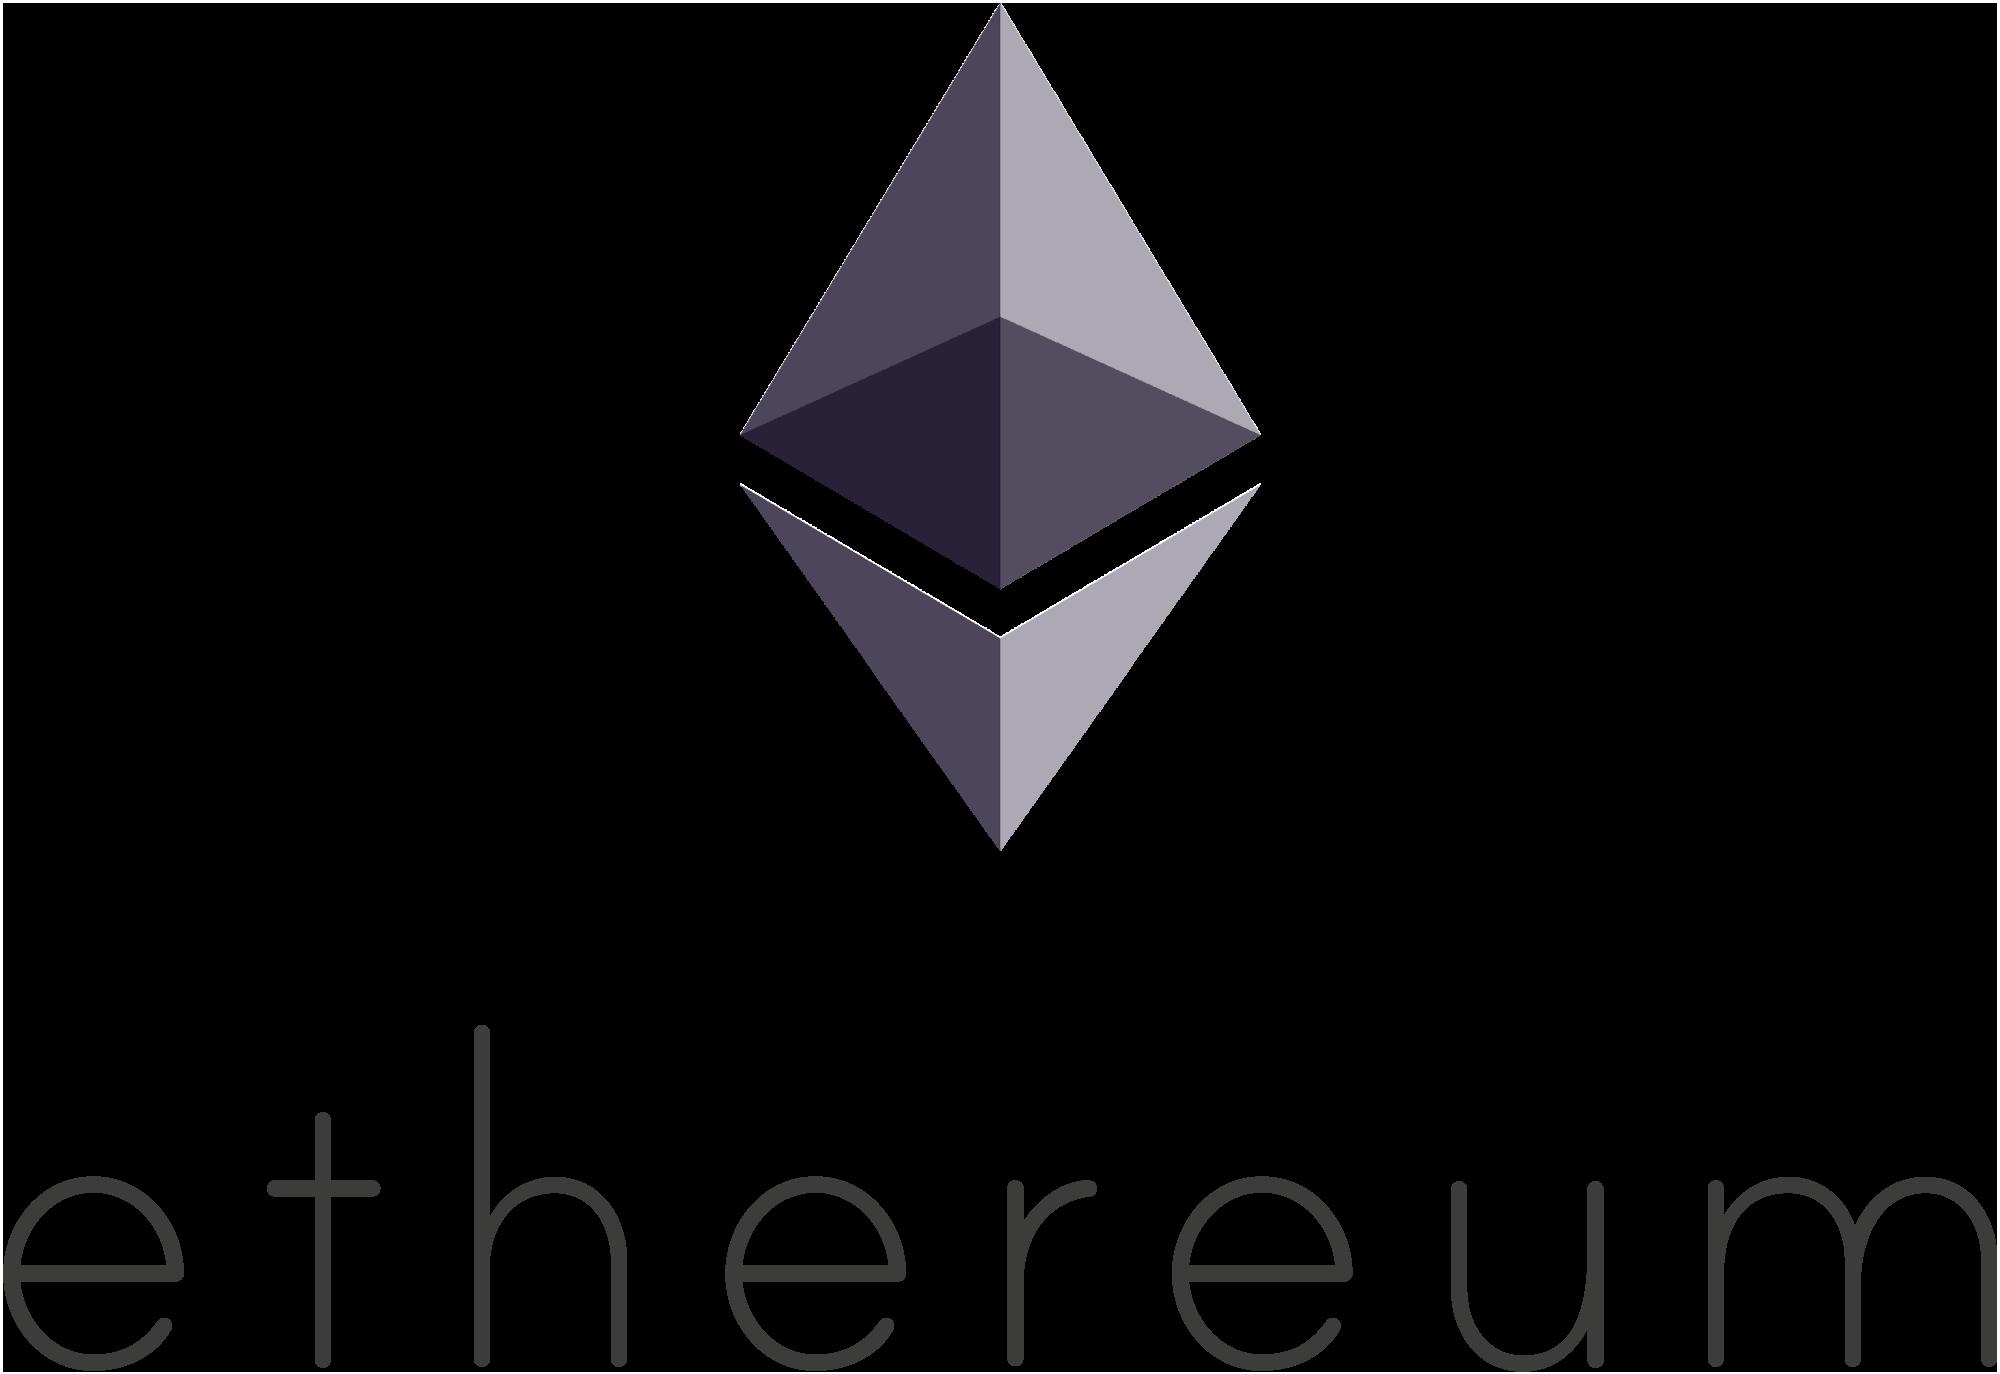 Векторный логотип Ethereum (эфира, эфириума)